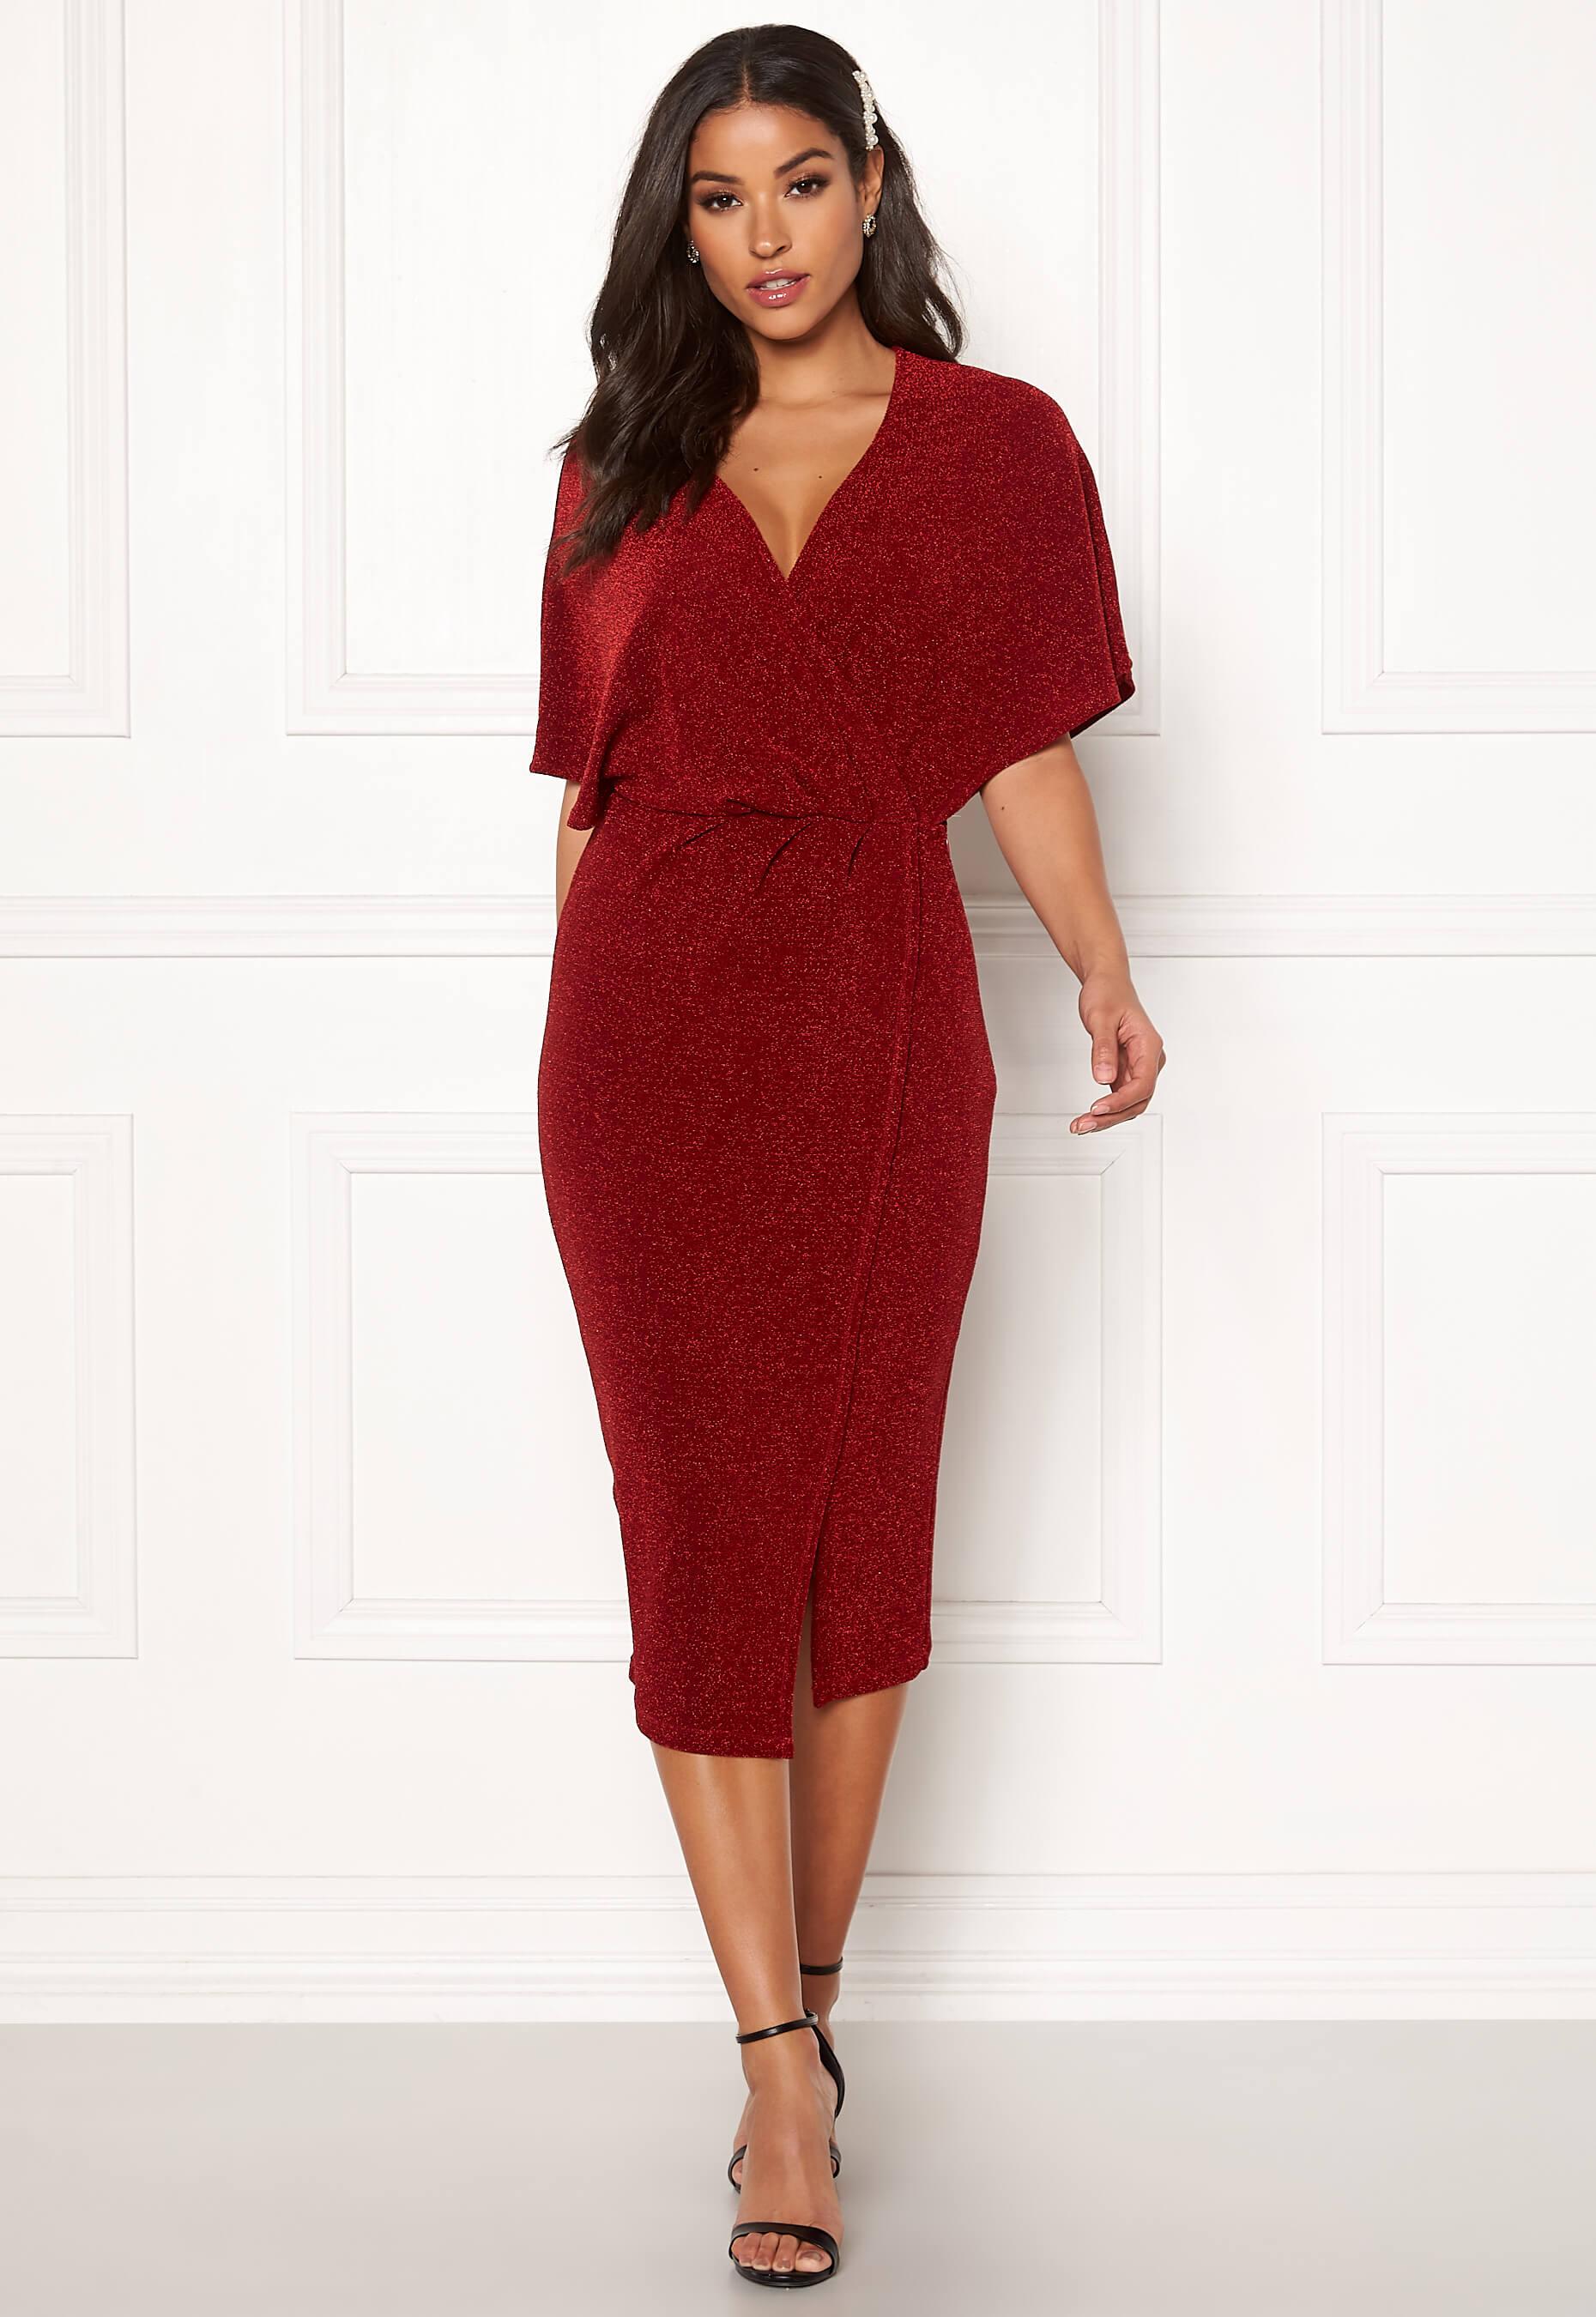 Röd glittrig midiklänning.